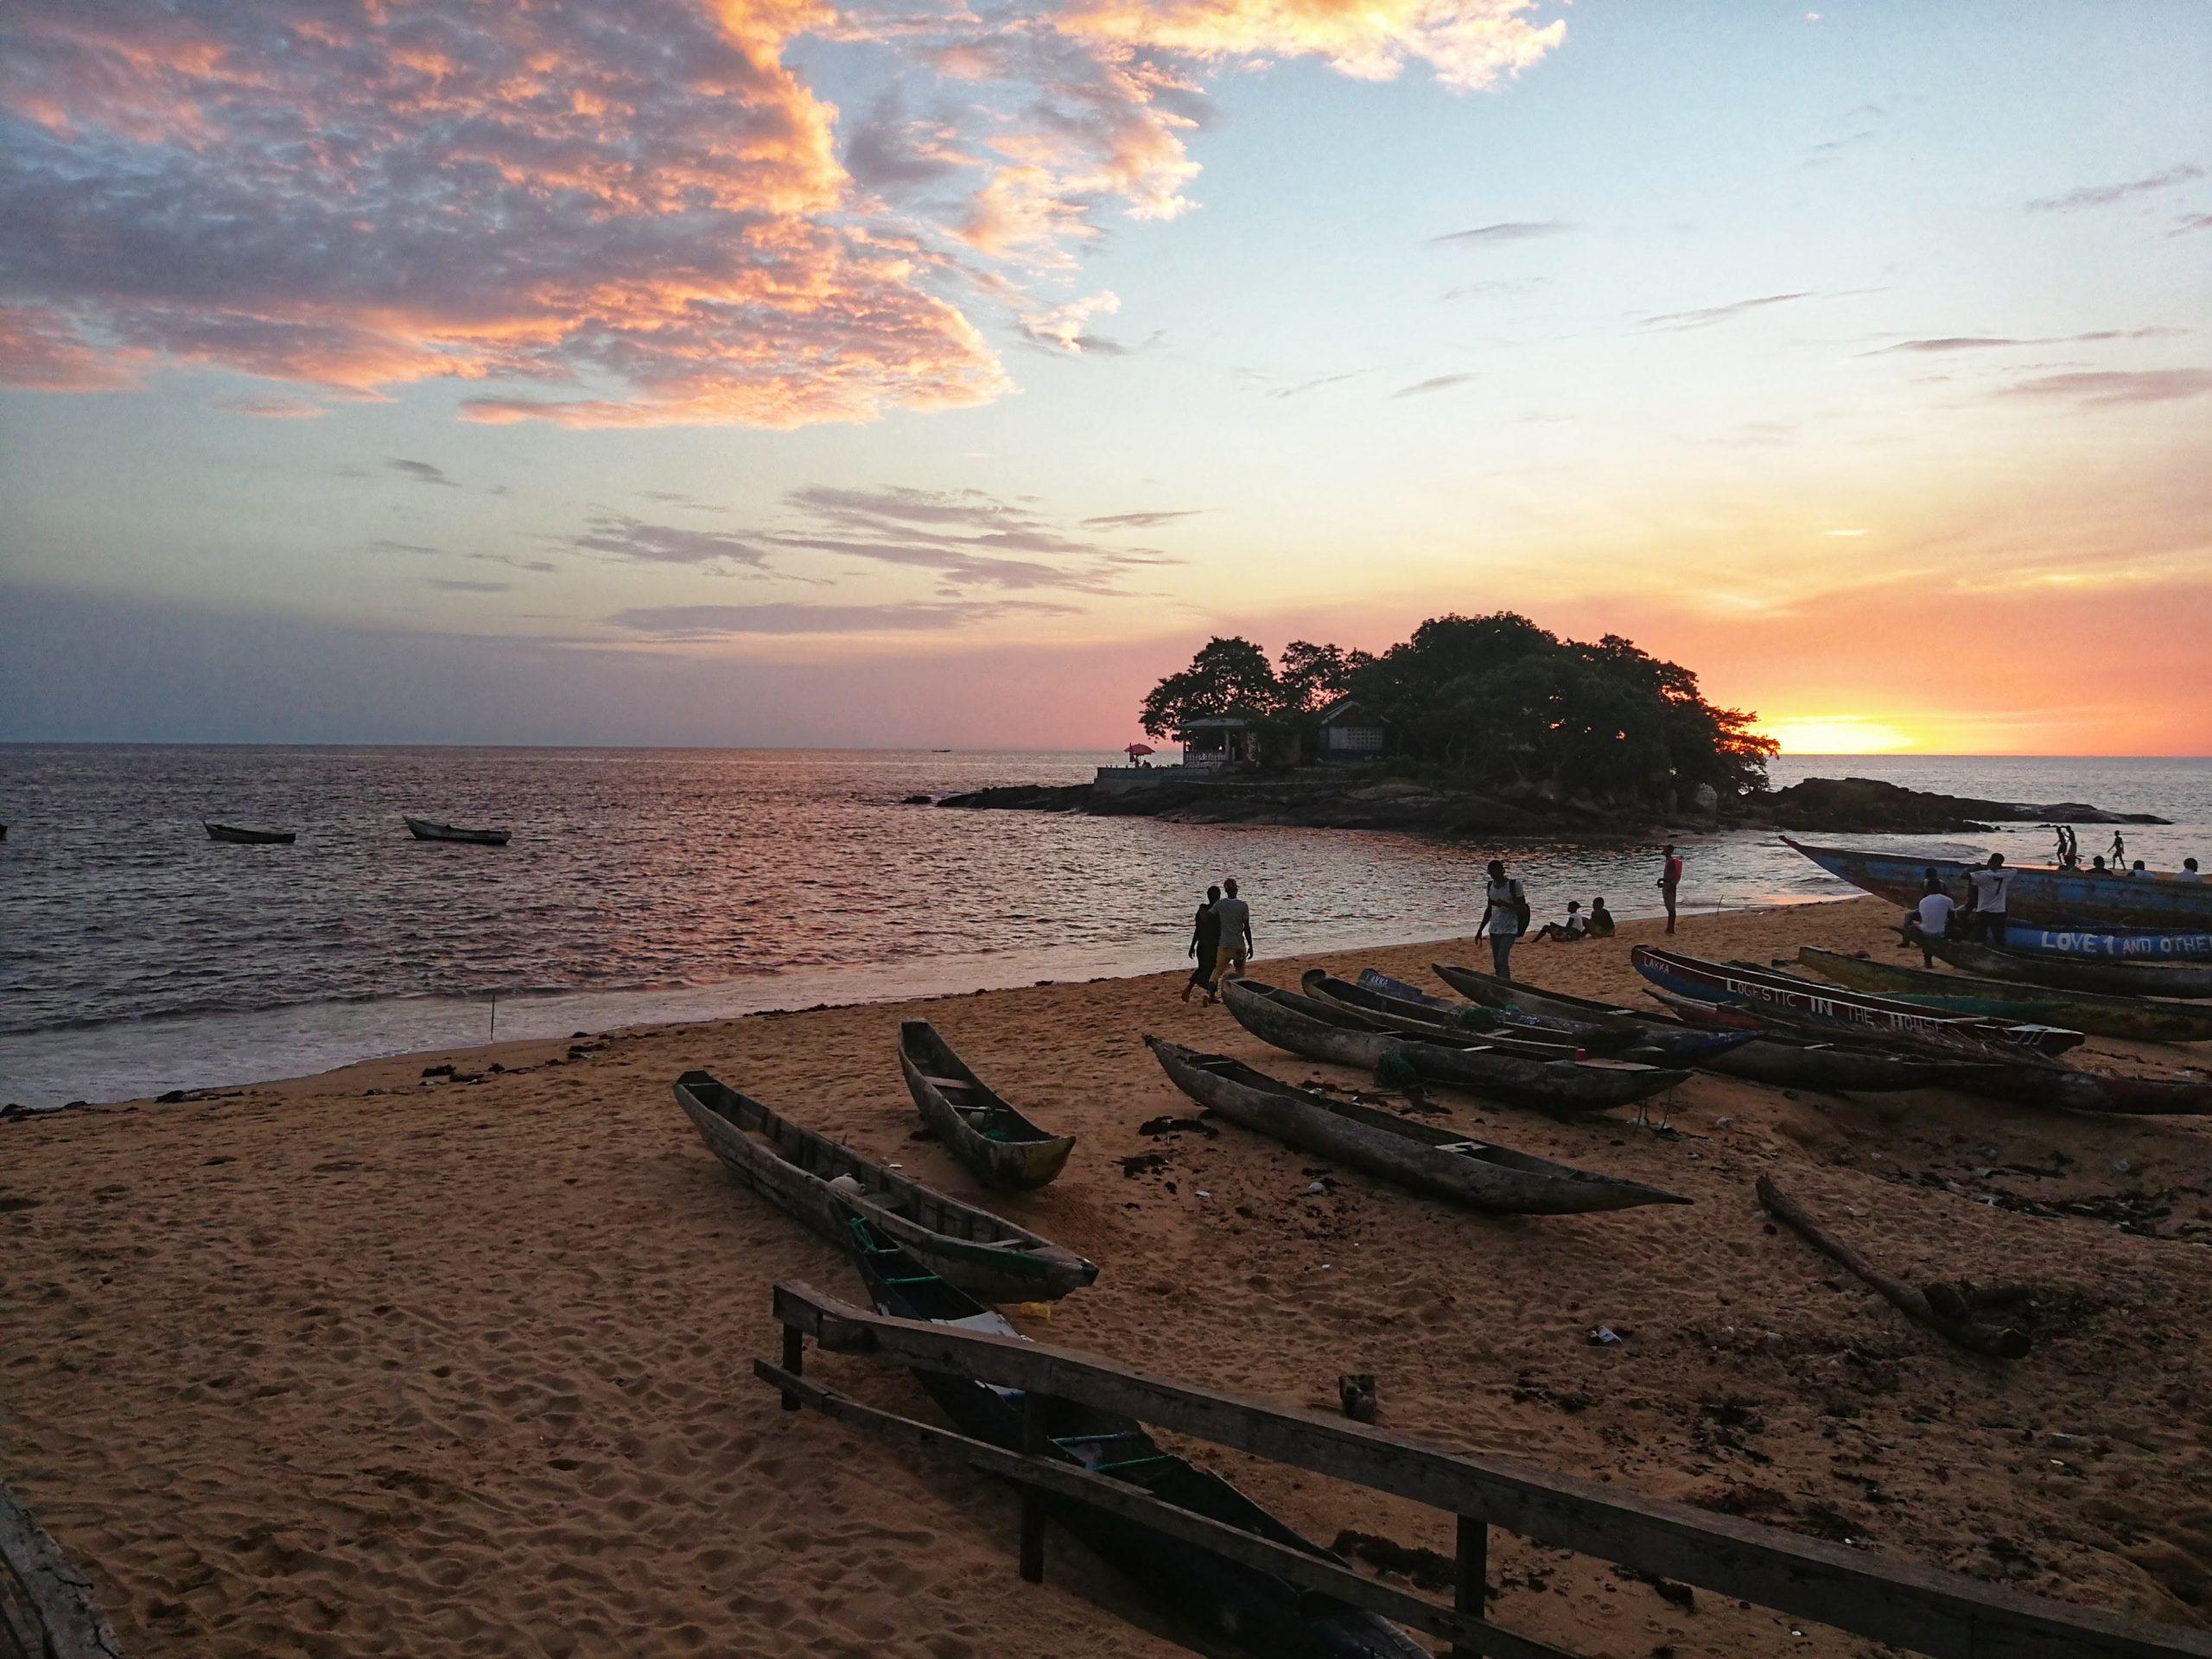 Sierra Leone, 1961: Birth of a Nation